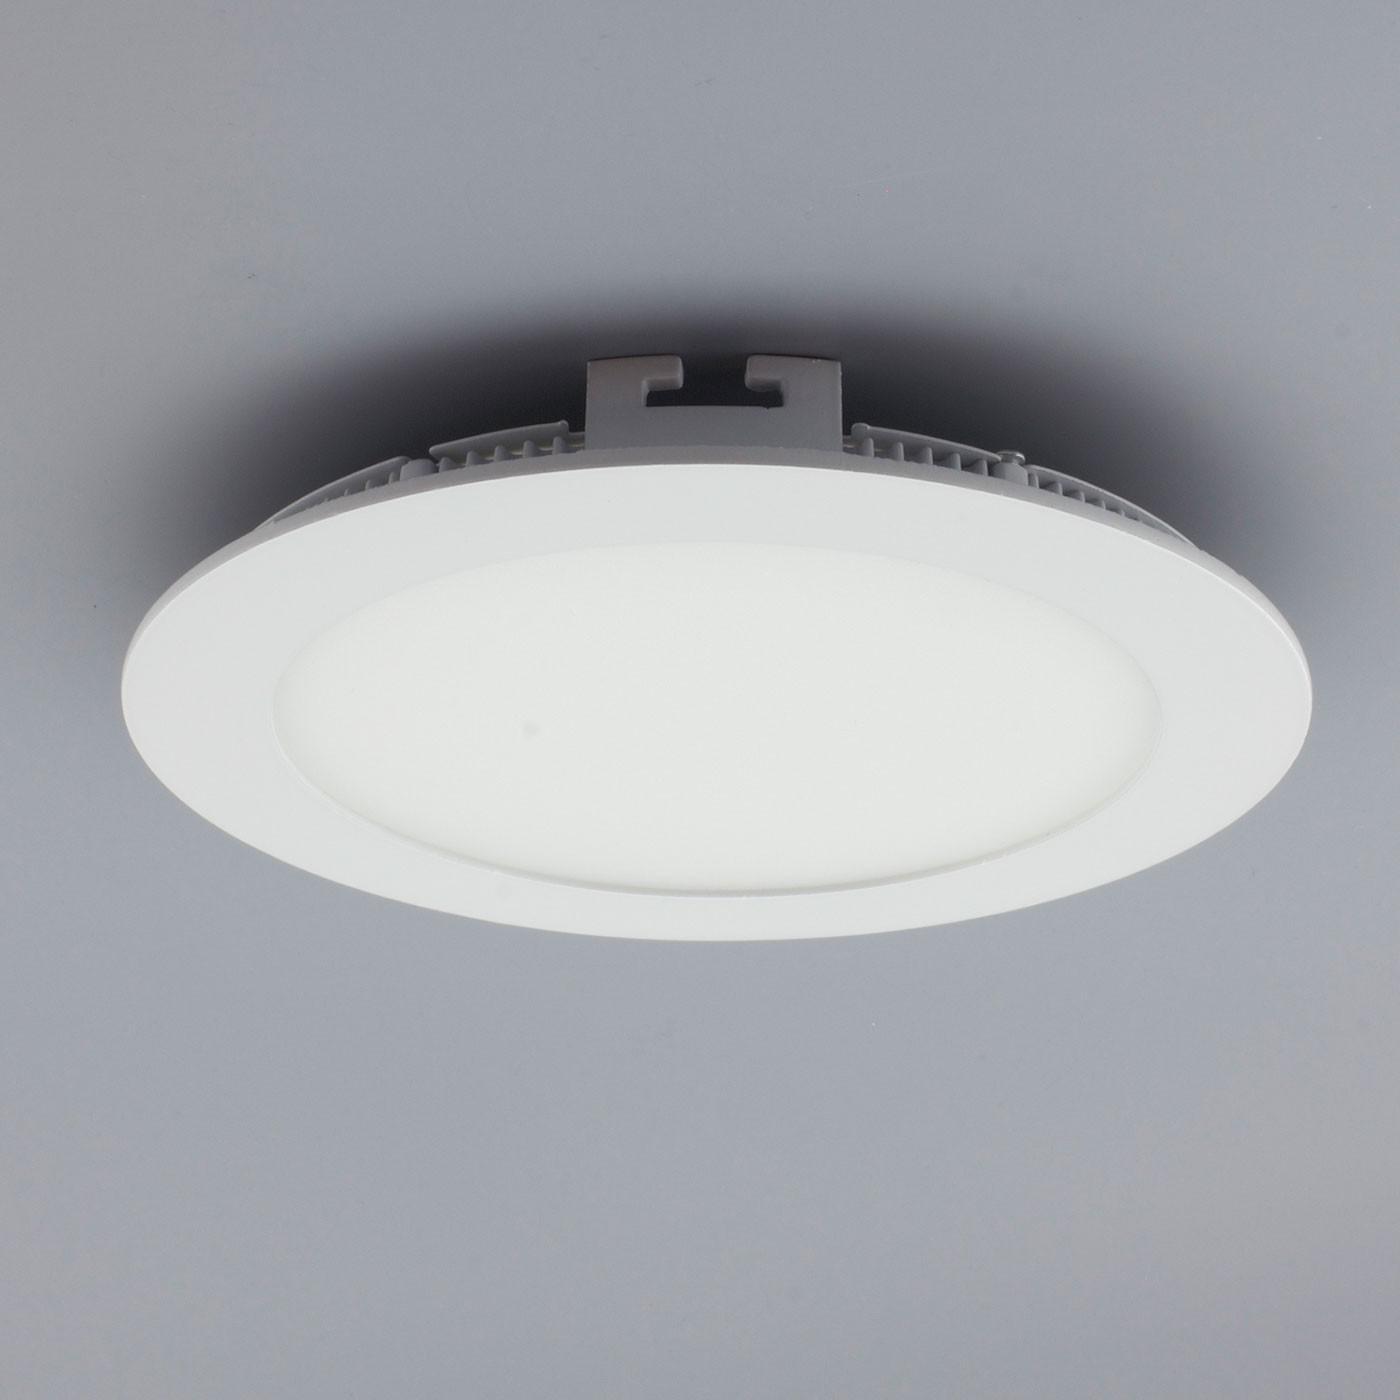 licht design 30367 einbau led panel 960 lumen 17 cm kalt weiss kaufen bei licht design. Black Bedroom Furniture Sets. Home Design Ideas